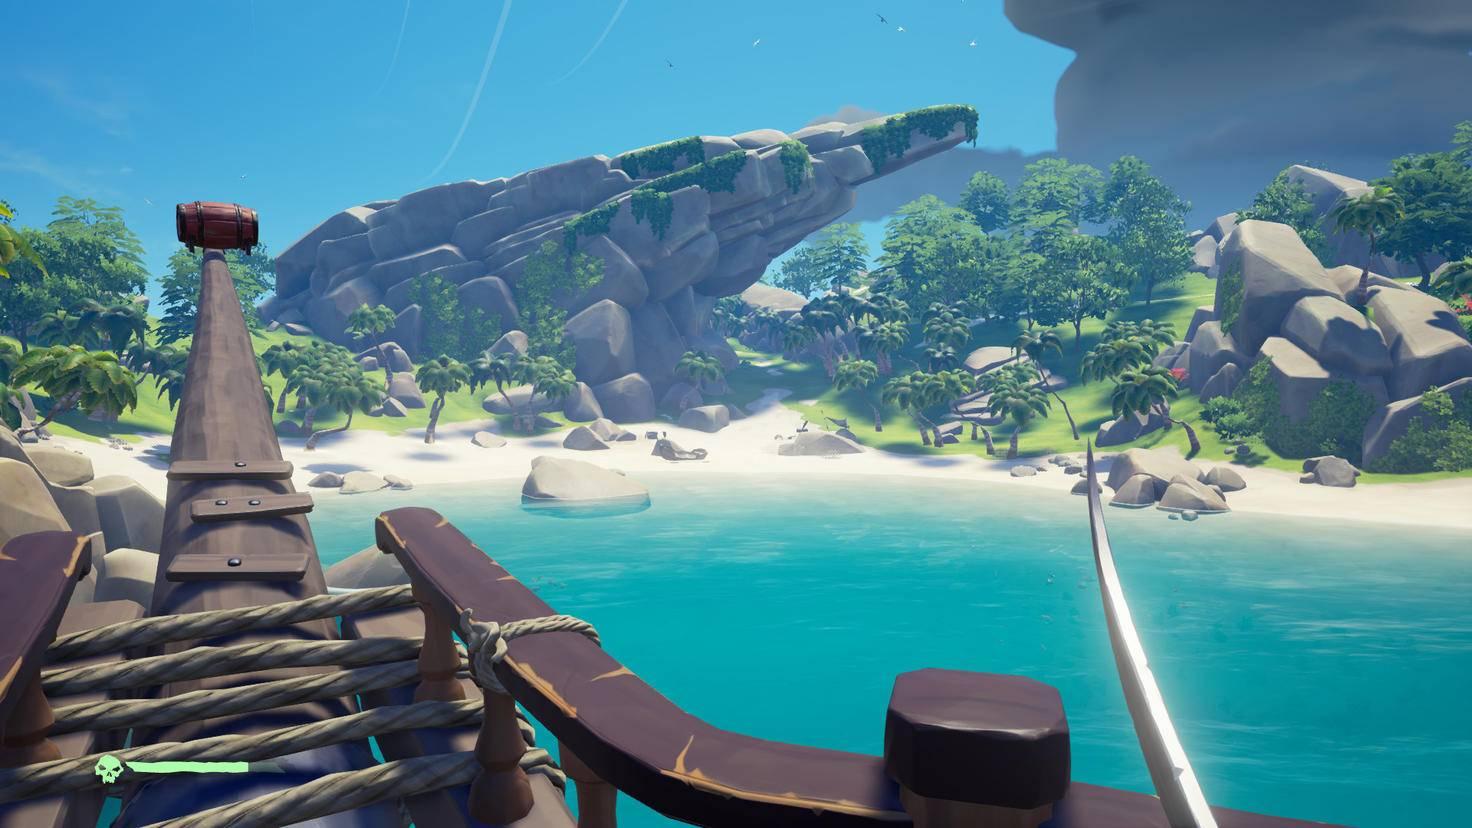 Wem das zu anstrengend ist, der kann auch auf malerischen Inseln entspannen ...